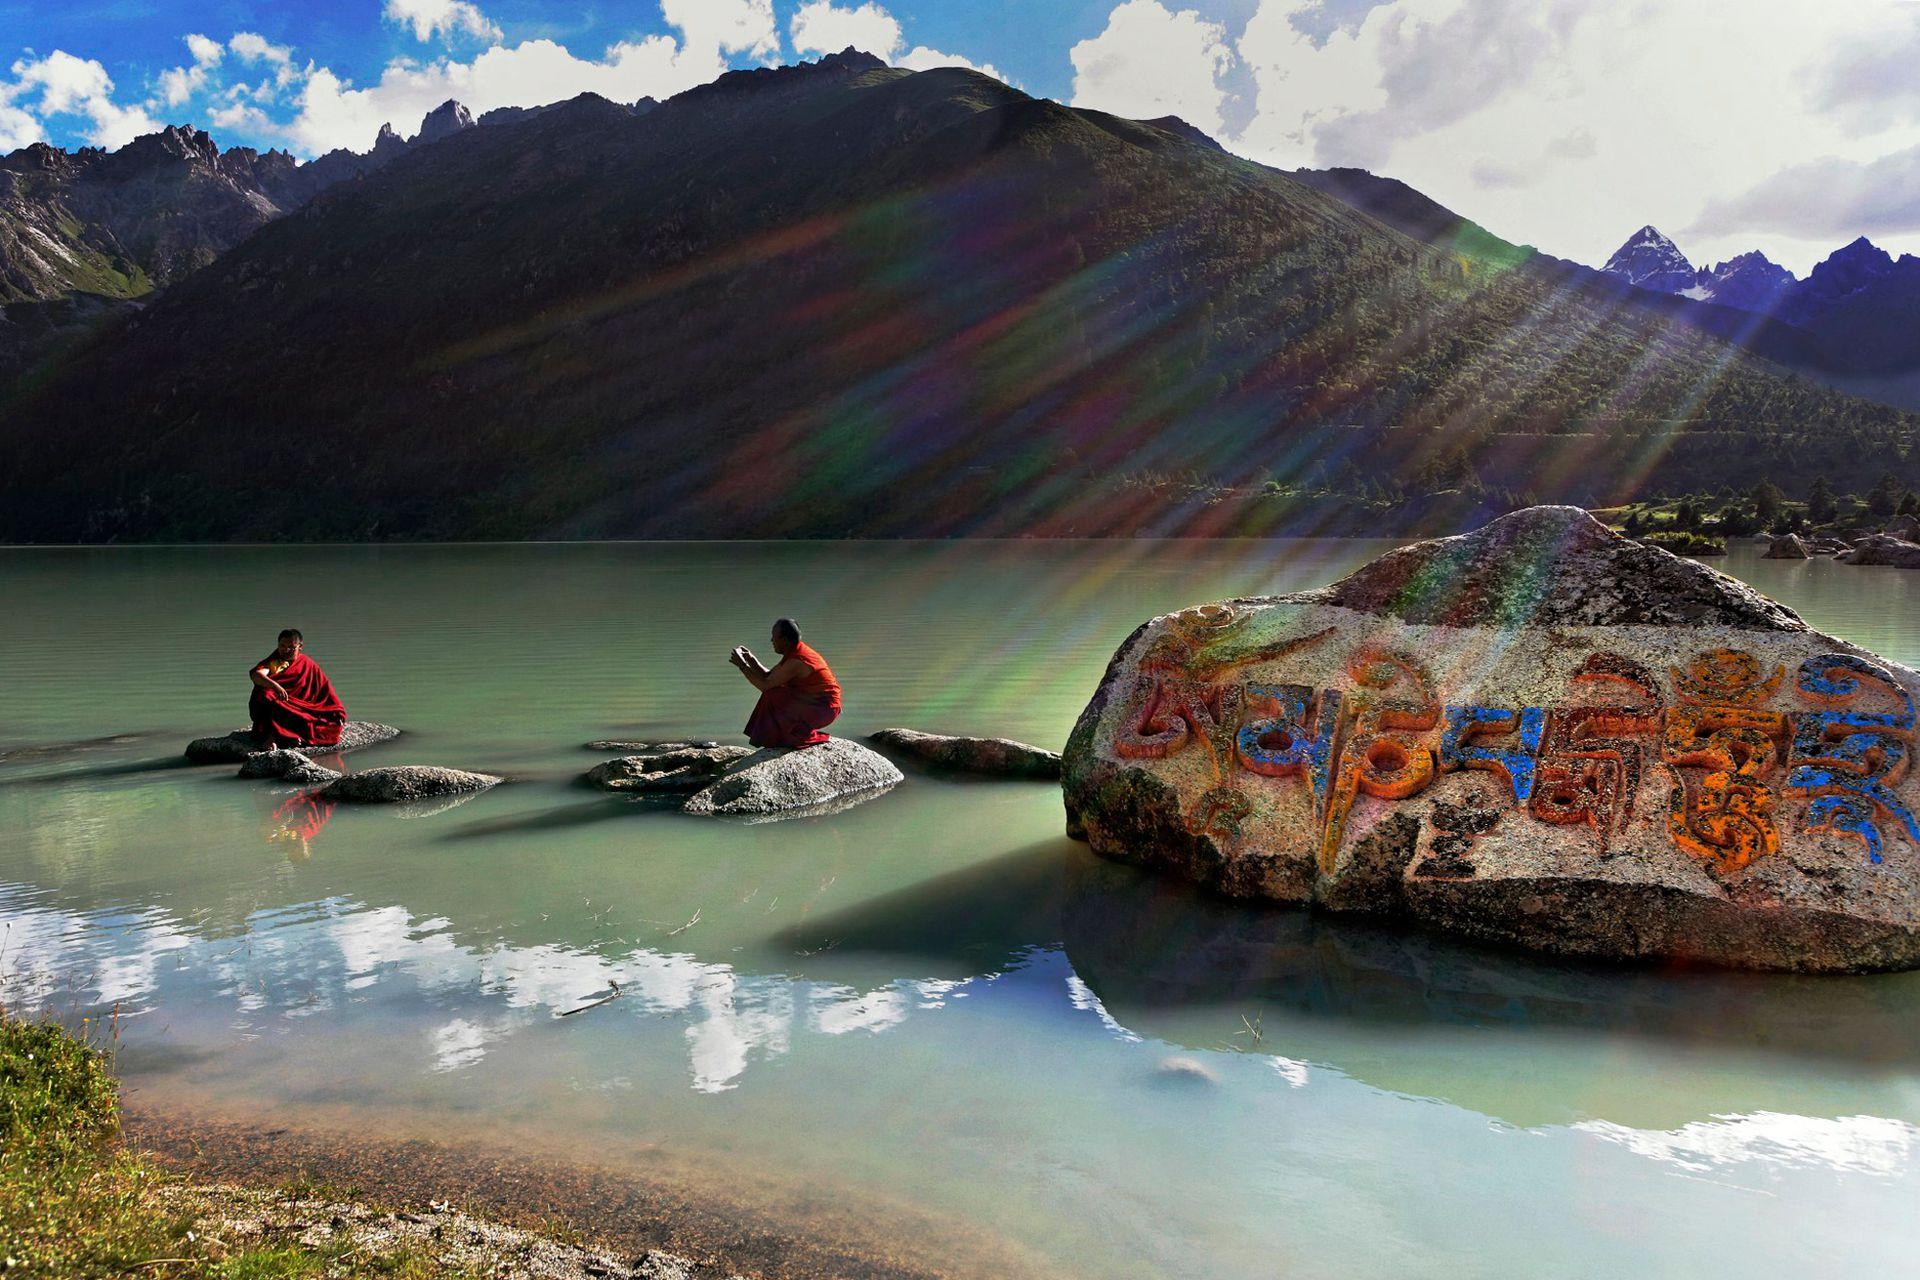 Dos monjes tibetanos en las orillas del lago Yilung Lhatso en el este del Tíbet. El grabado en la roca dice Om Mani Padme Hum, que es el mantra del Buda de la Compasión